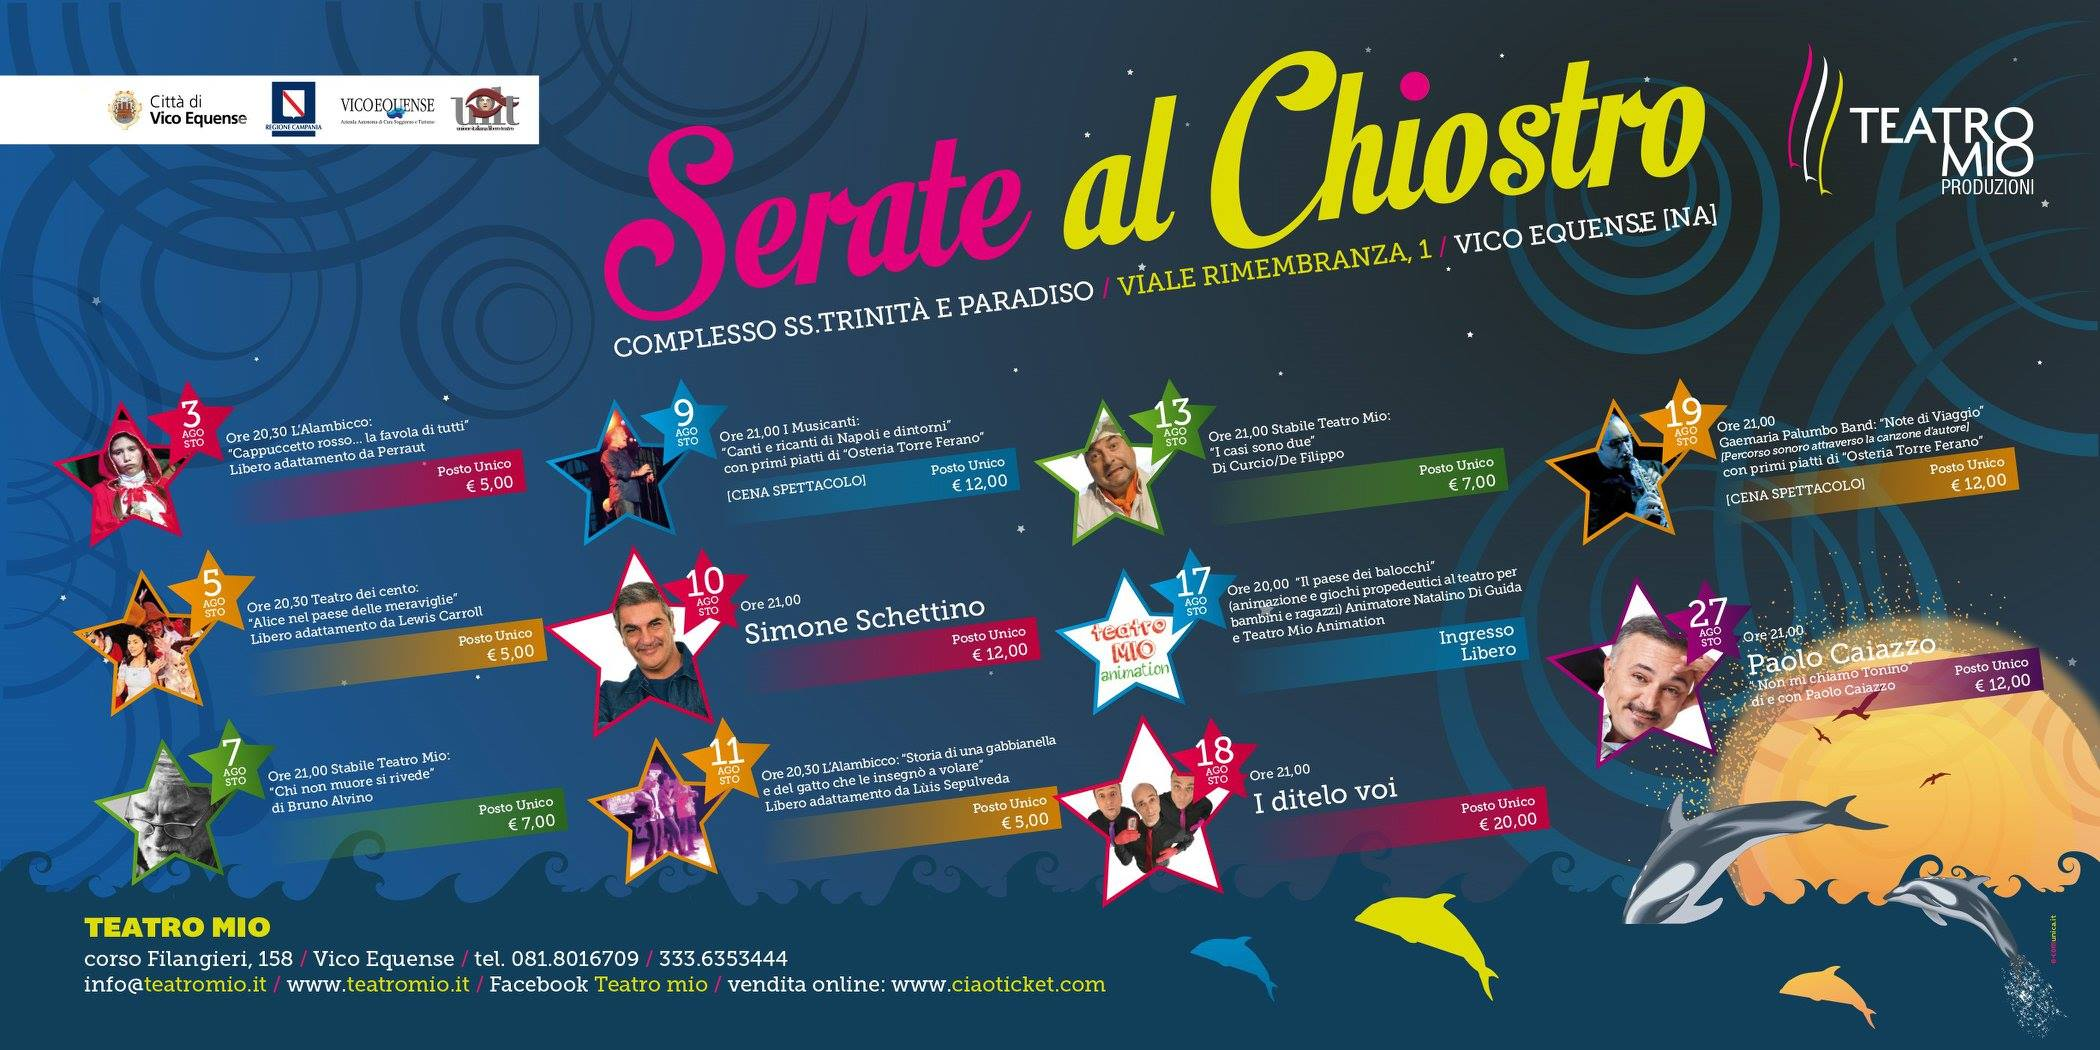 Serate al Chiostro - Vico Equense 2016